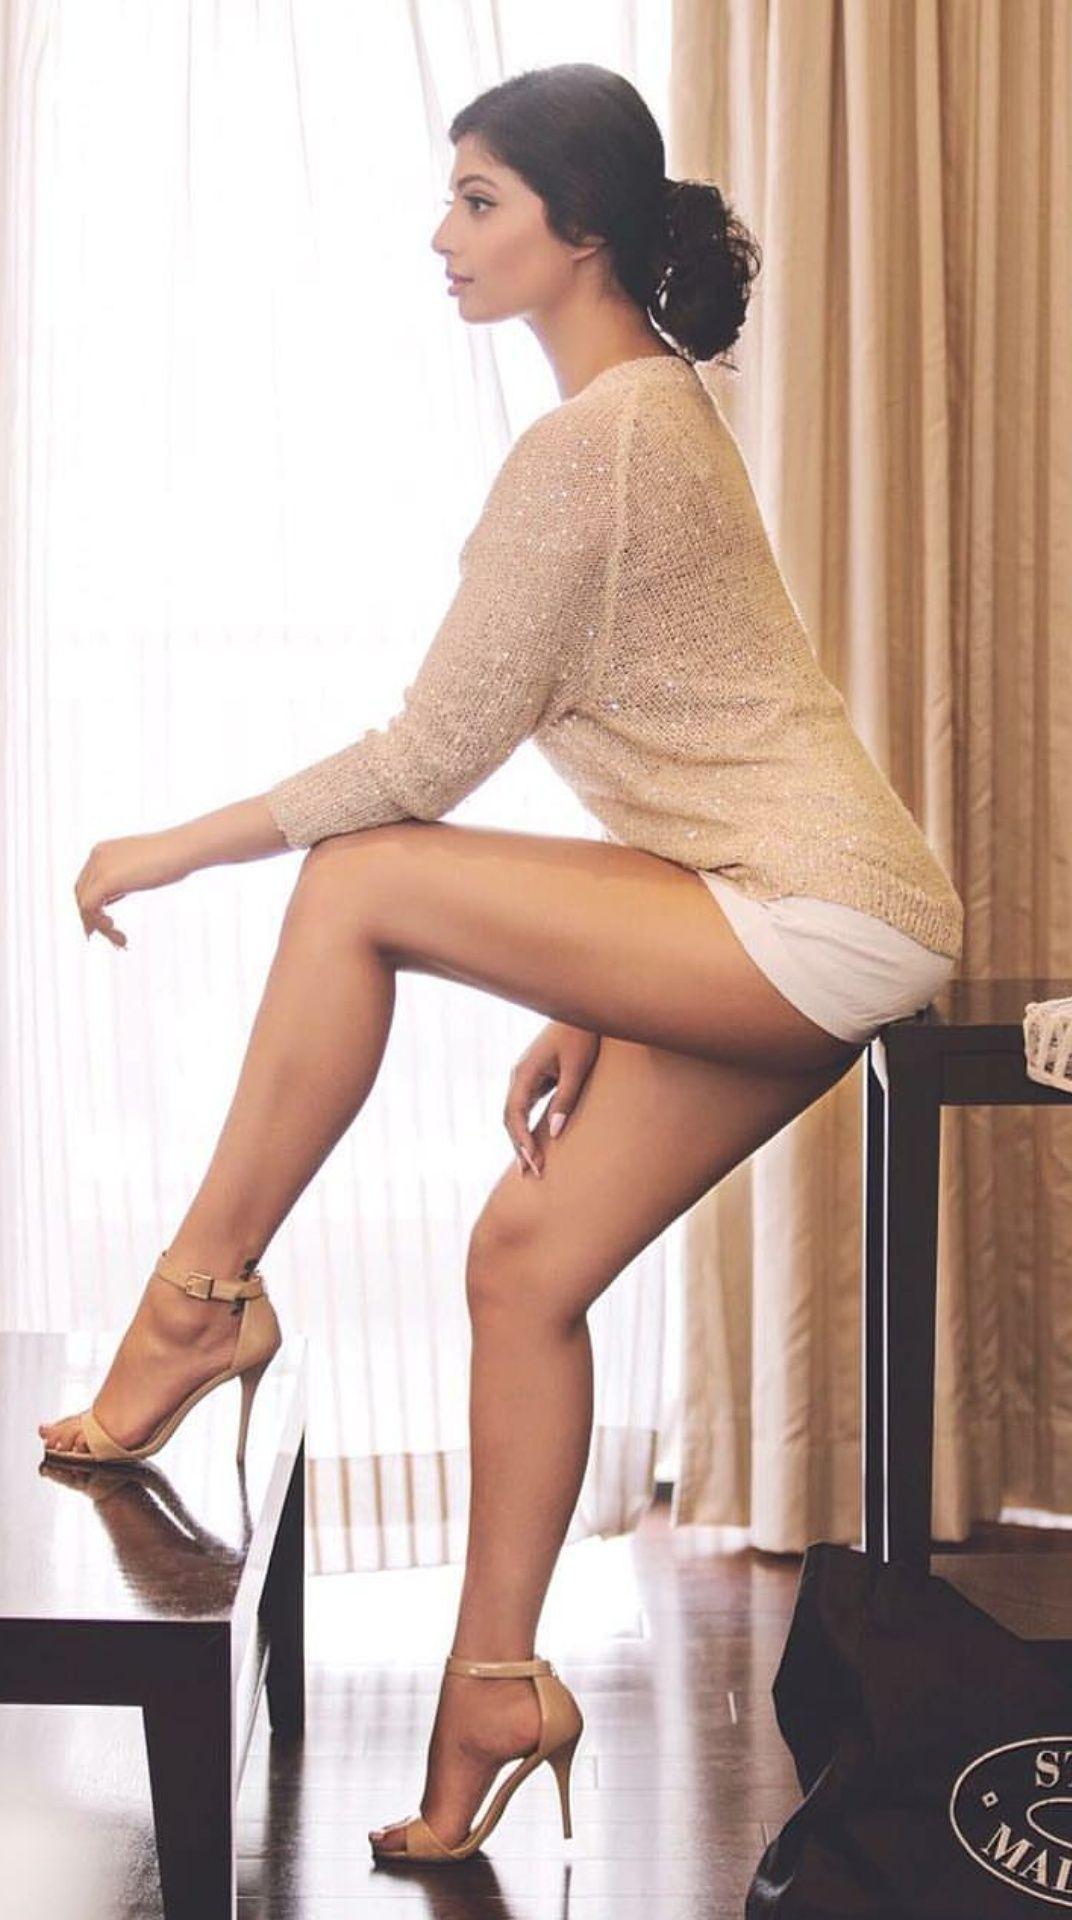 Sameea Bangera Hot & Spicy Cleavage Show Photshoot Stills